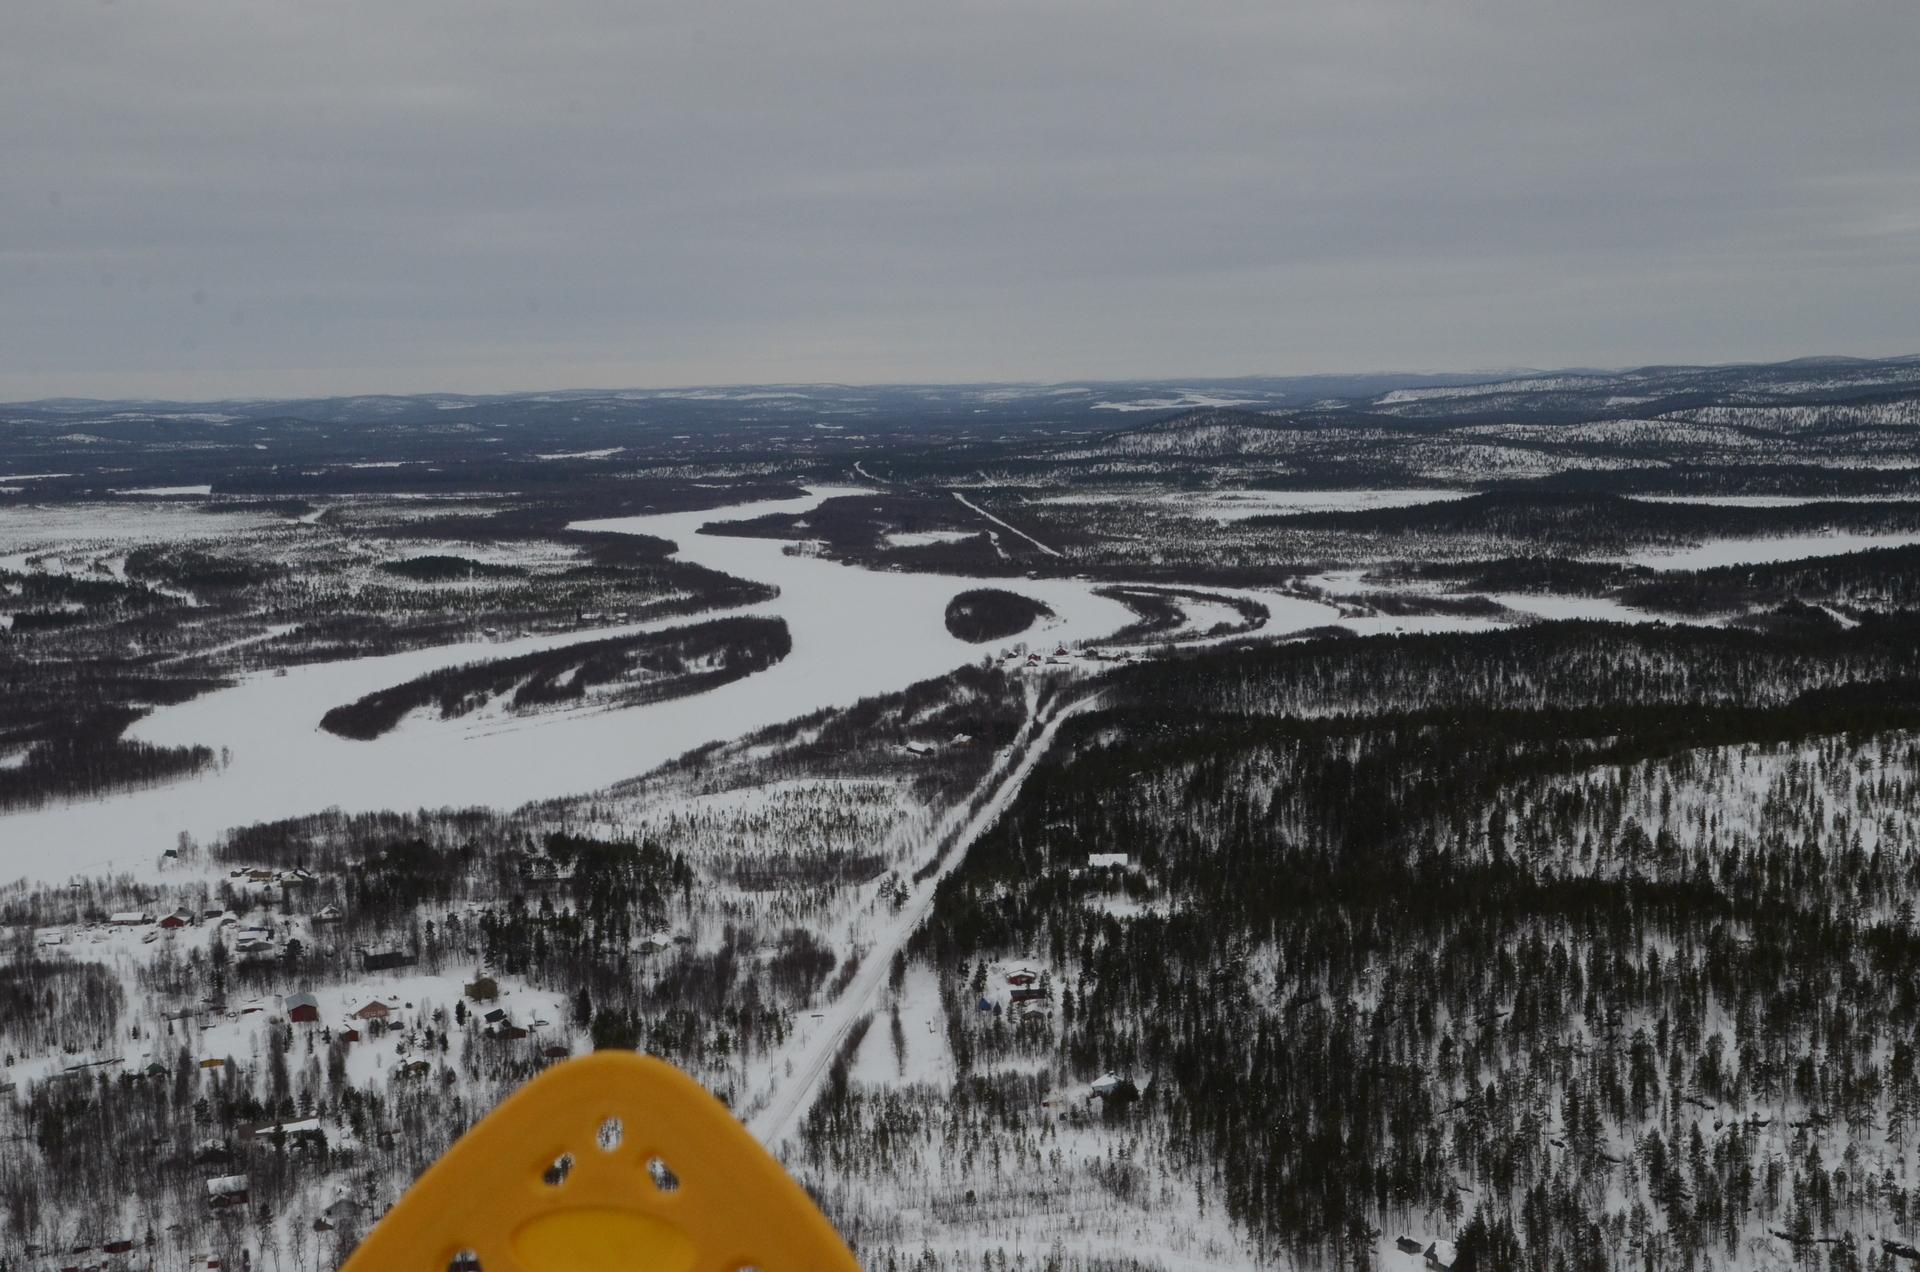 Kun keli oli telttayötä seuraavana päivänä lennettävä, päätin kruunata reissun lentämällä vielä Veskoniemestä Ivaloon. Jouduin hieman odottelemaan jäällä, kun Finnairin kone tulisi kaartamaan laskuun ko. kohdan kautta. Kuvassa Koppelon tienoita.